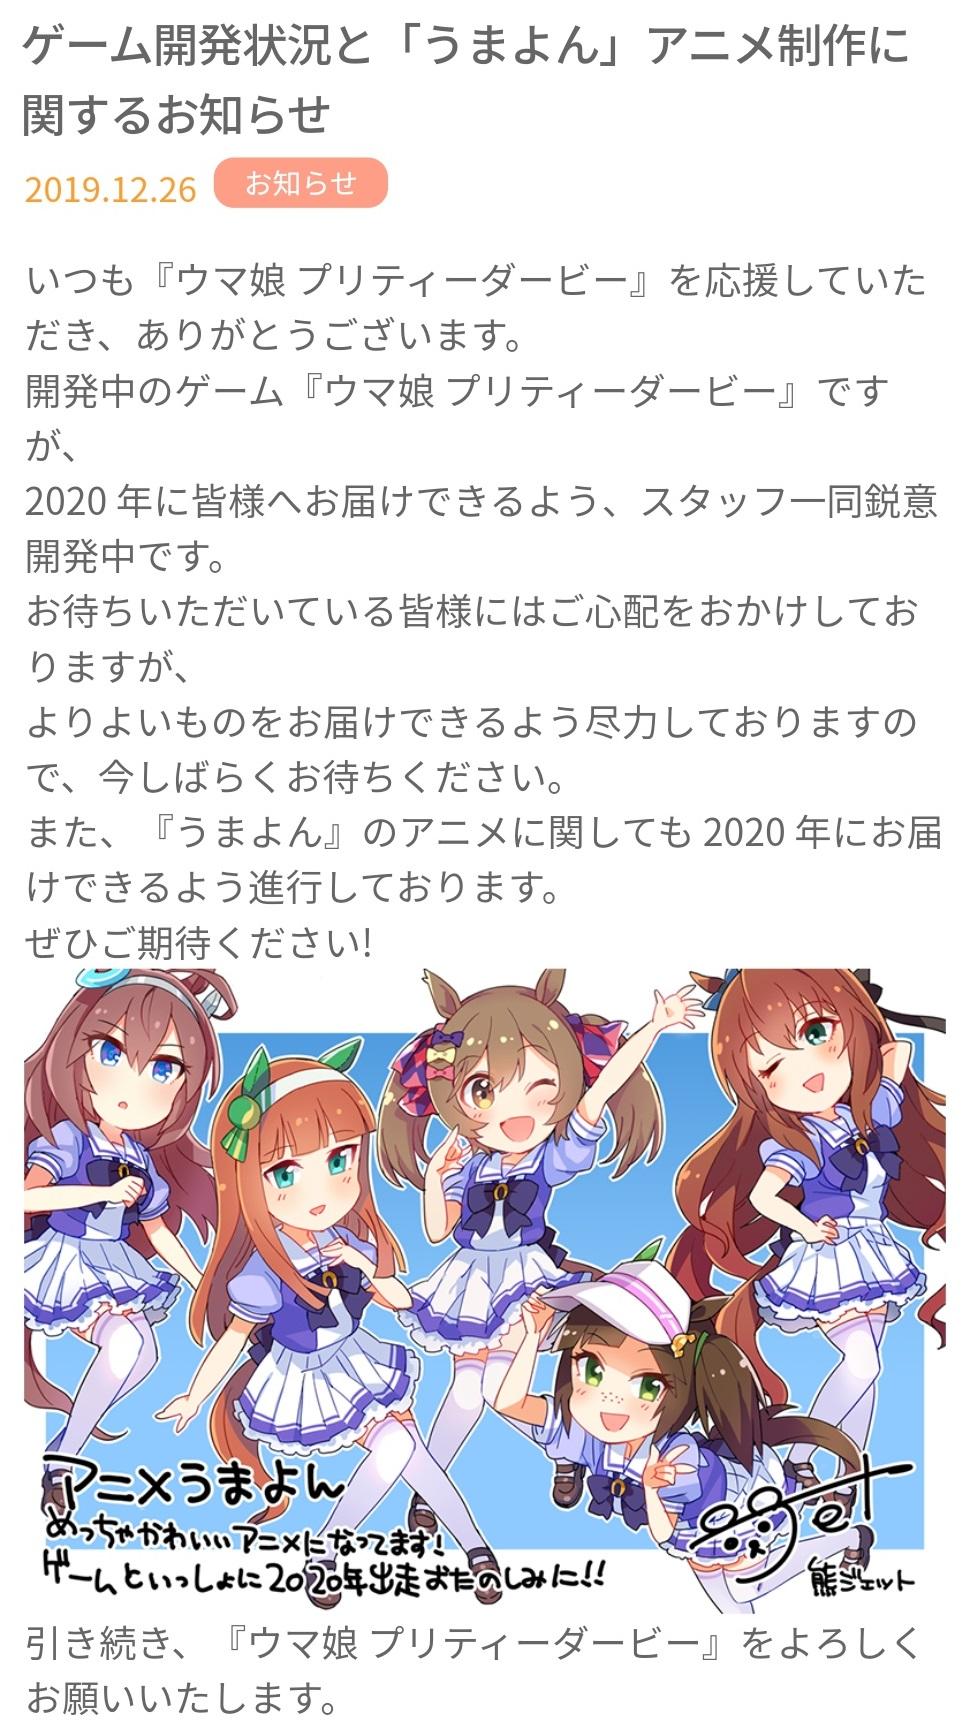 【ウマ娘】2020年に『ウマ娘 プリティーダービー』リリース決定!!?遂に開発状況が明らかに…!!